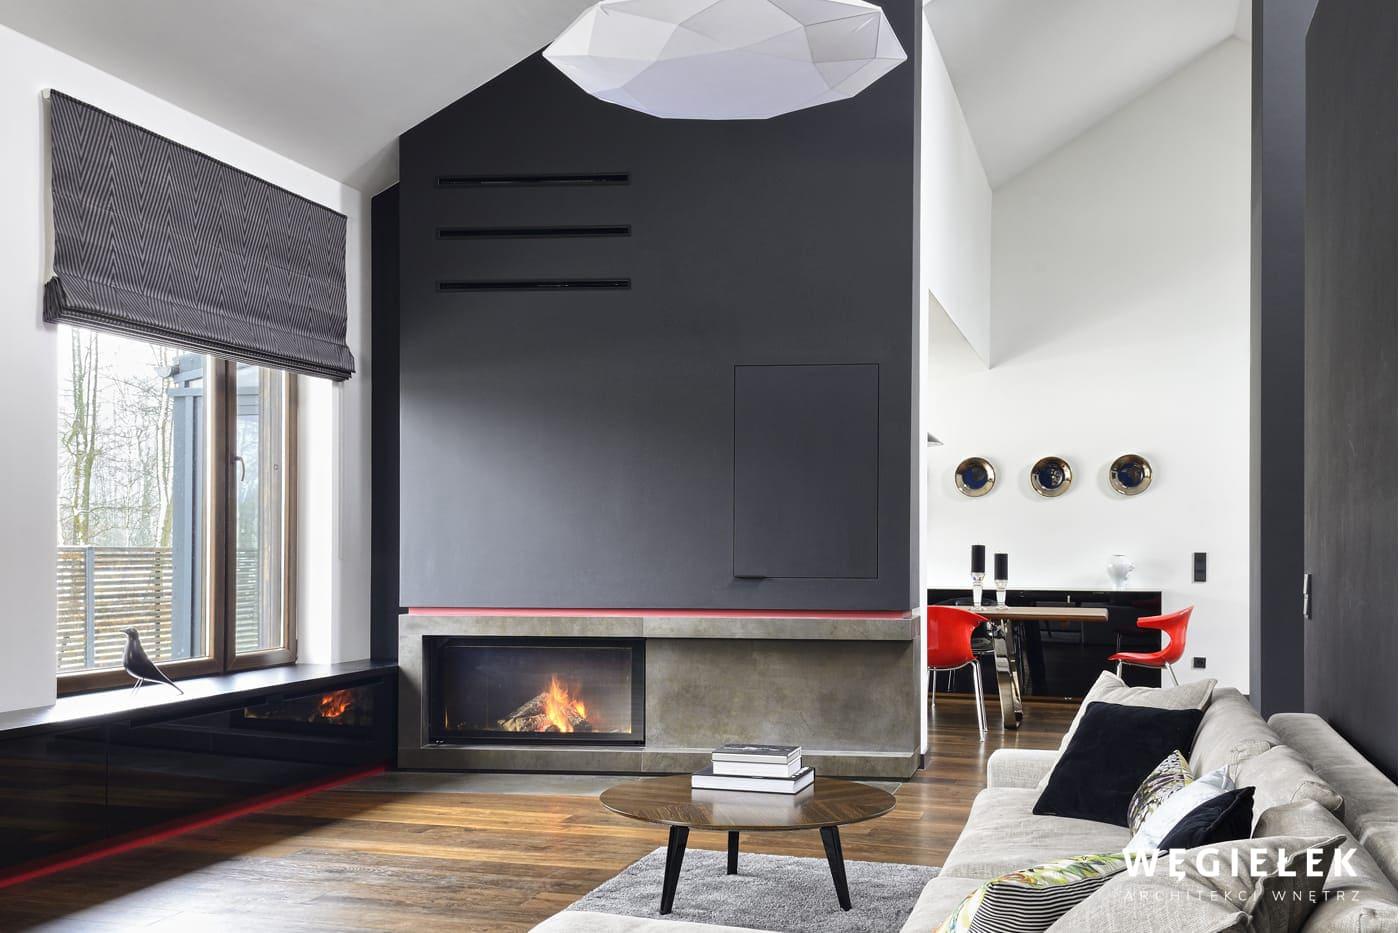 Projektant z Warszawy miał ciekawą wizję stworzenia wyjątkowego salonu. Nowoczesne wnętrze, przestronne, jasne i wspaniale wyposażone jest imponujące